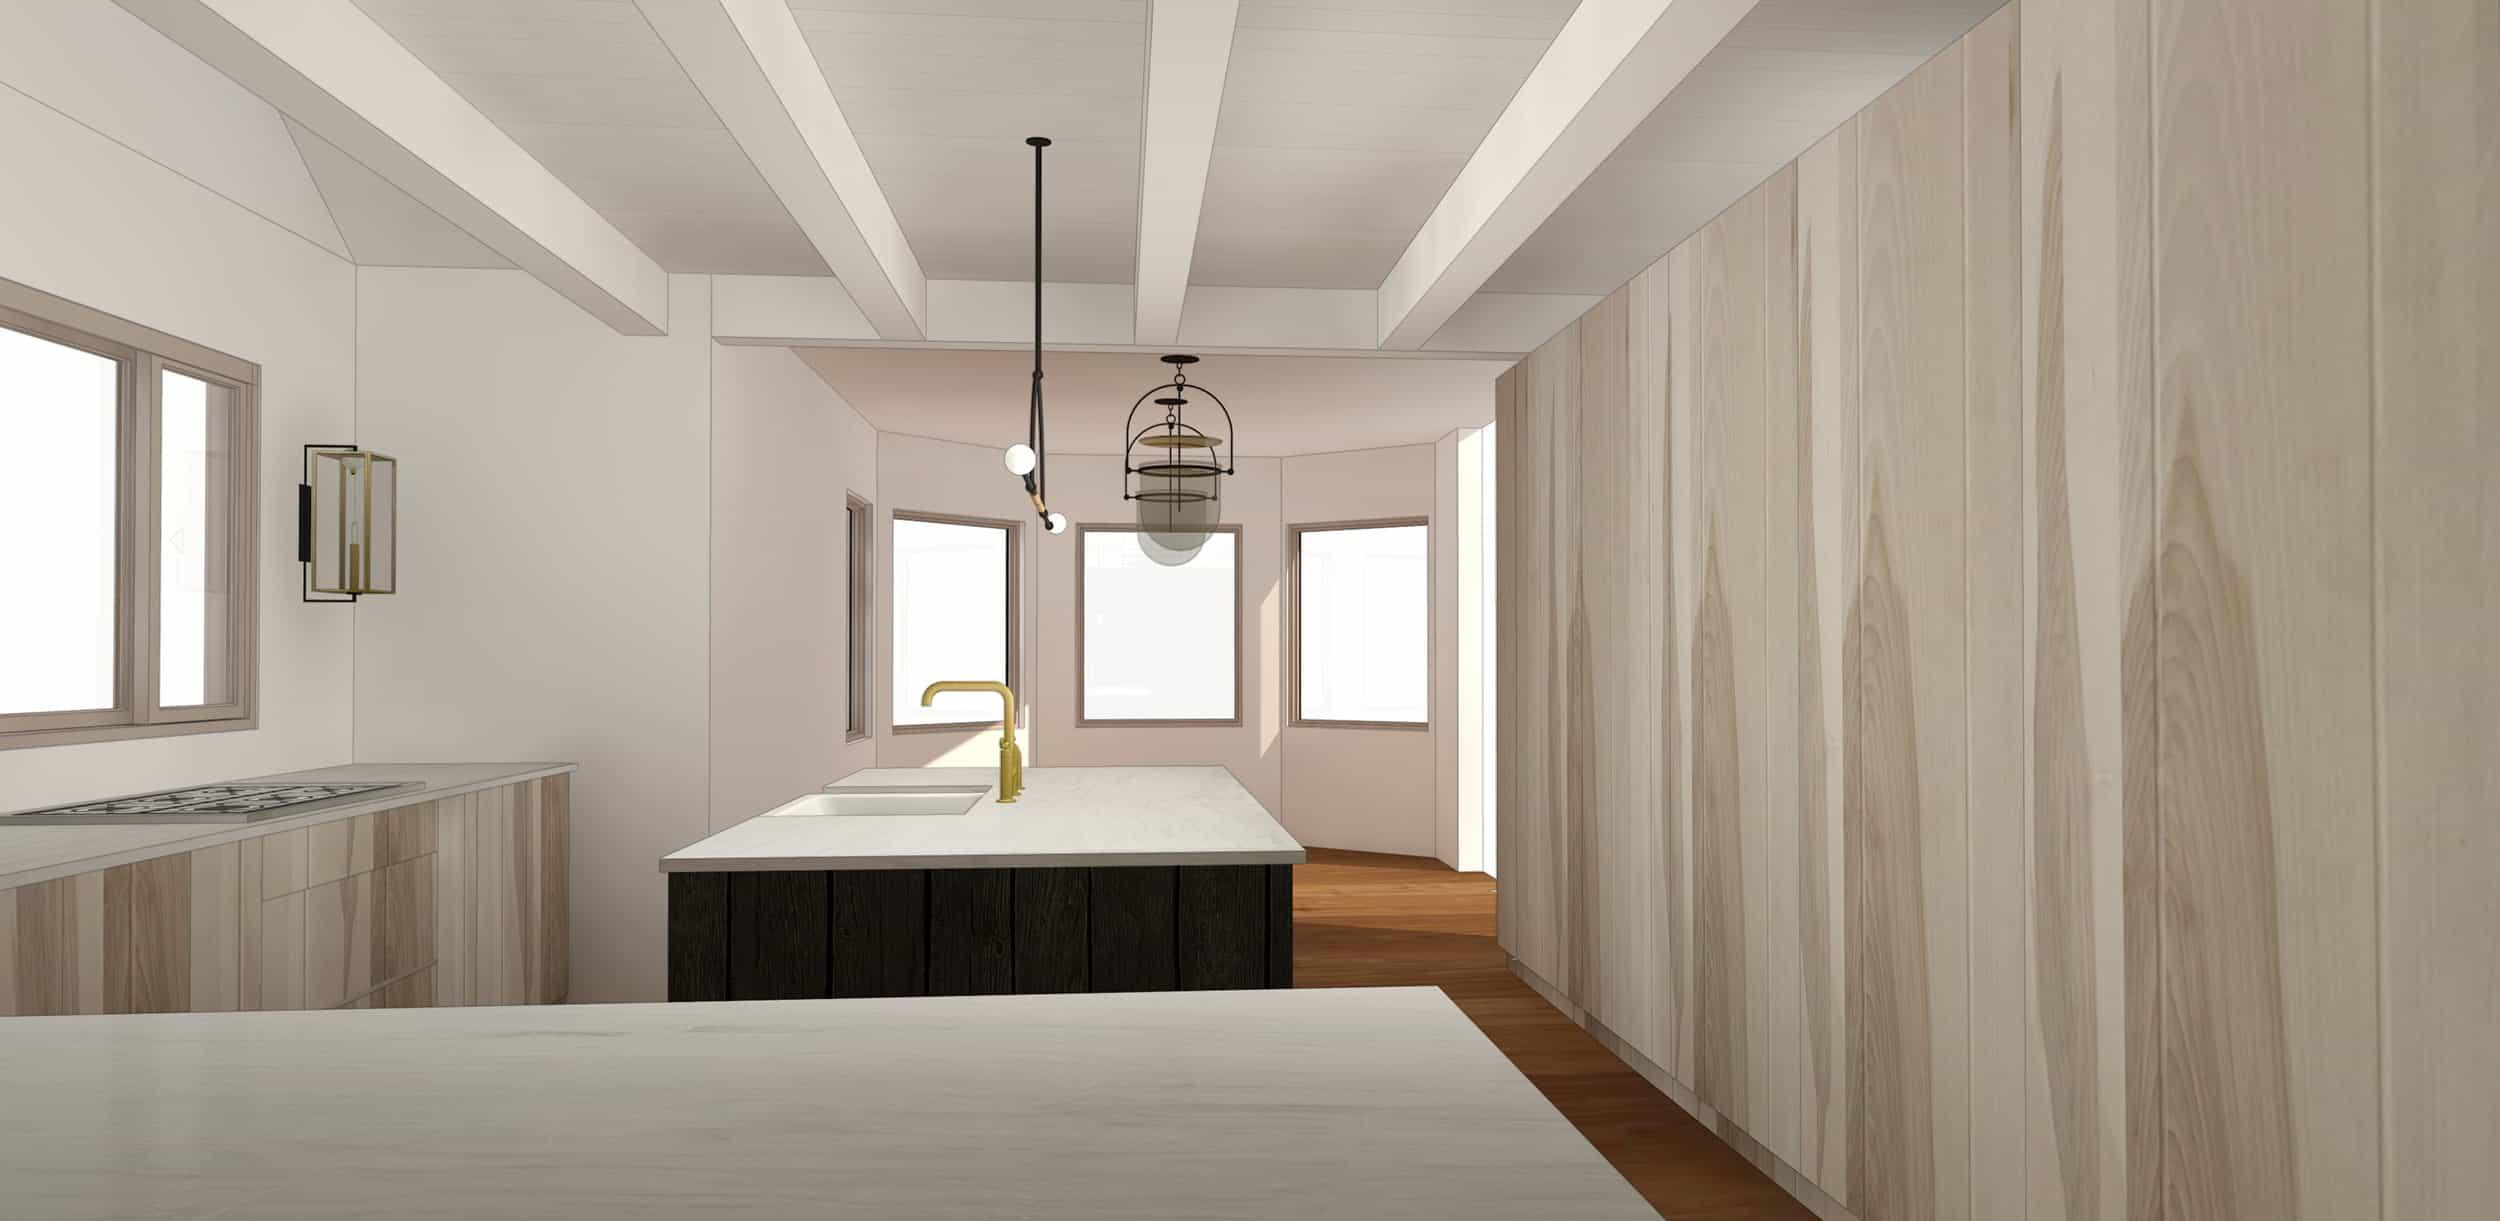 Emily Henderson Mountain House Kitchen Evolution Kitchensumnt Alder 02 Final